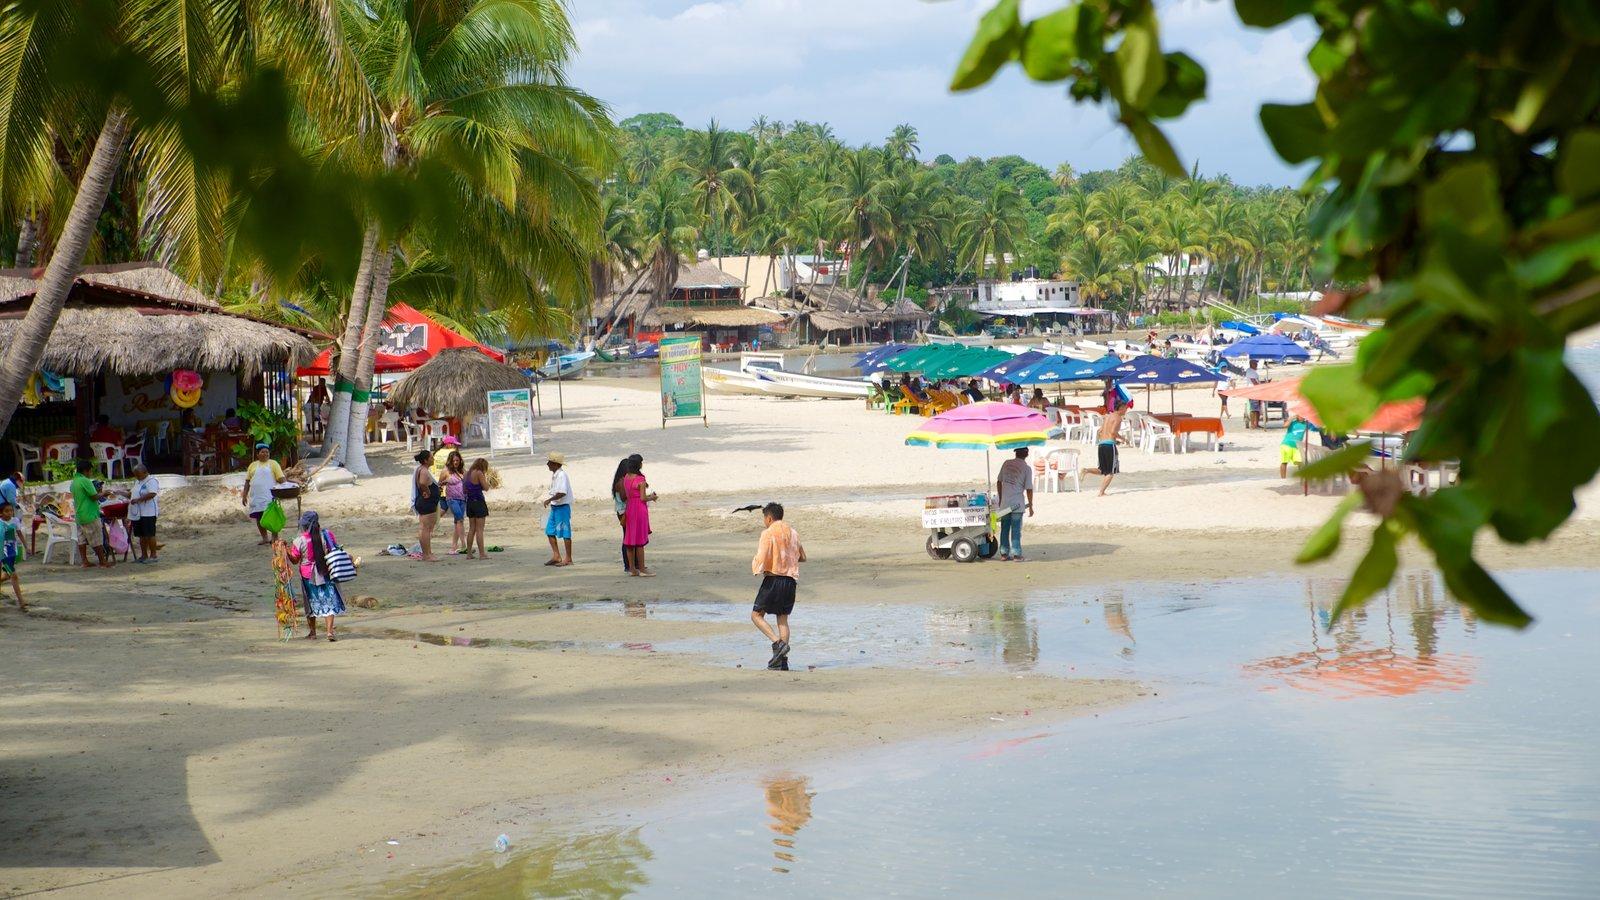 Puerto Escondido ofreciendo escenas tropicales, un hotel o resort de lujo y una playa de arena